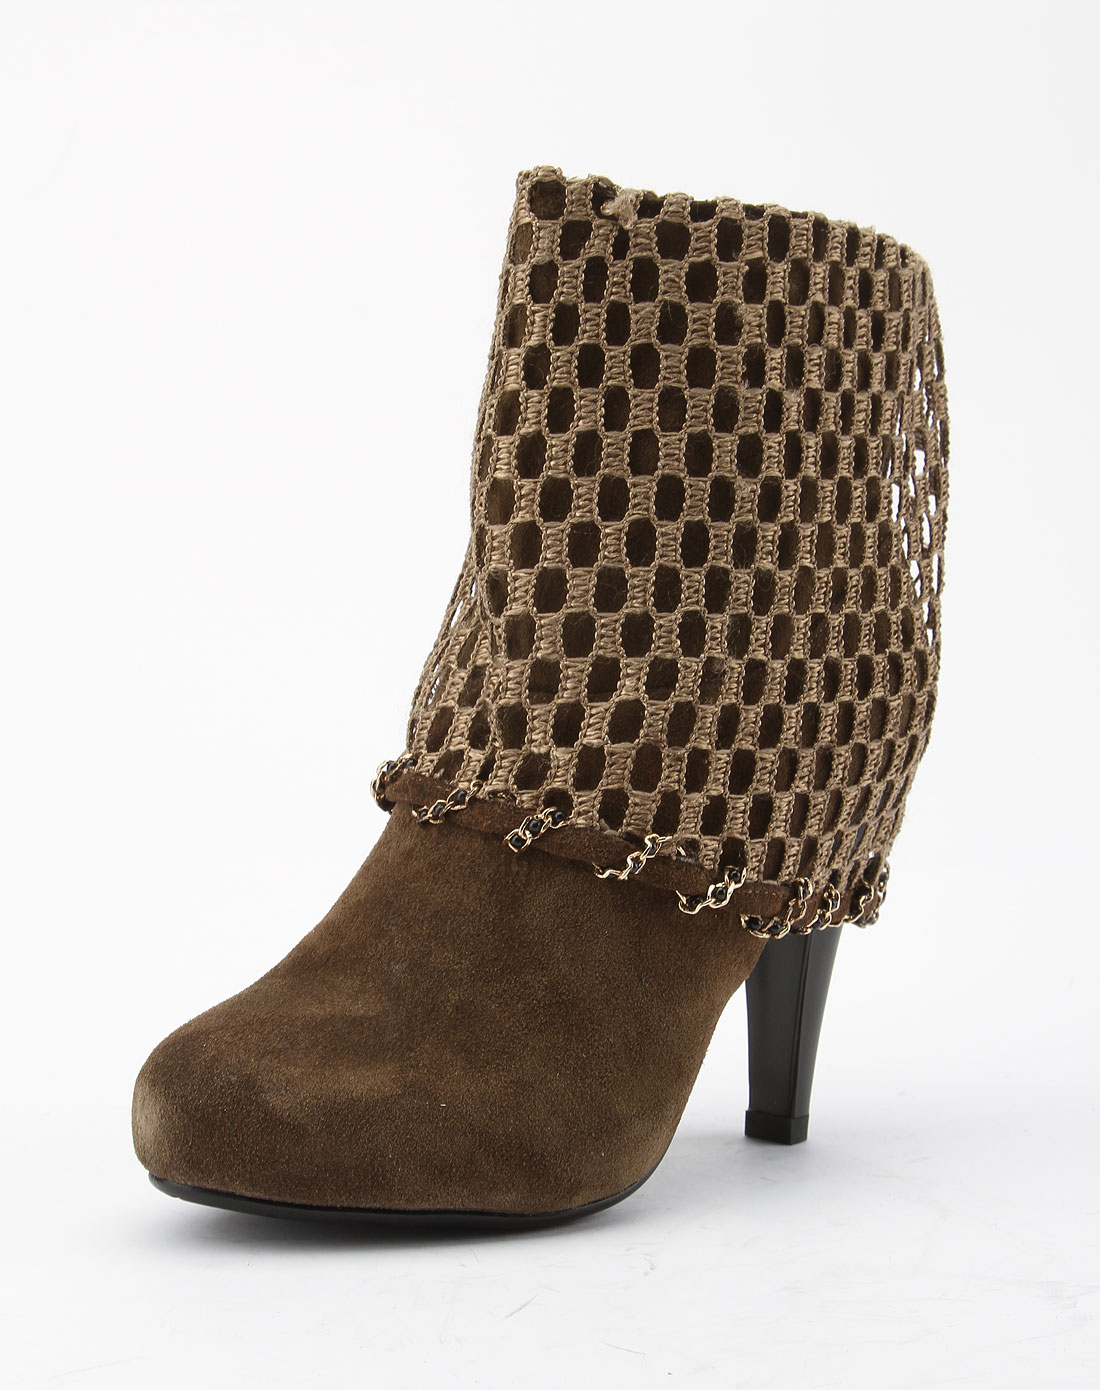 柏撒boosarr女款卡其色时尚镂空高跟短靴101c176211